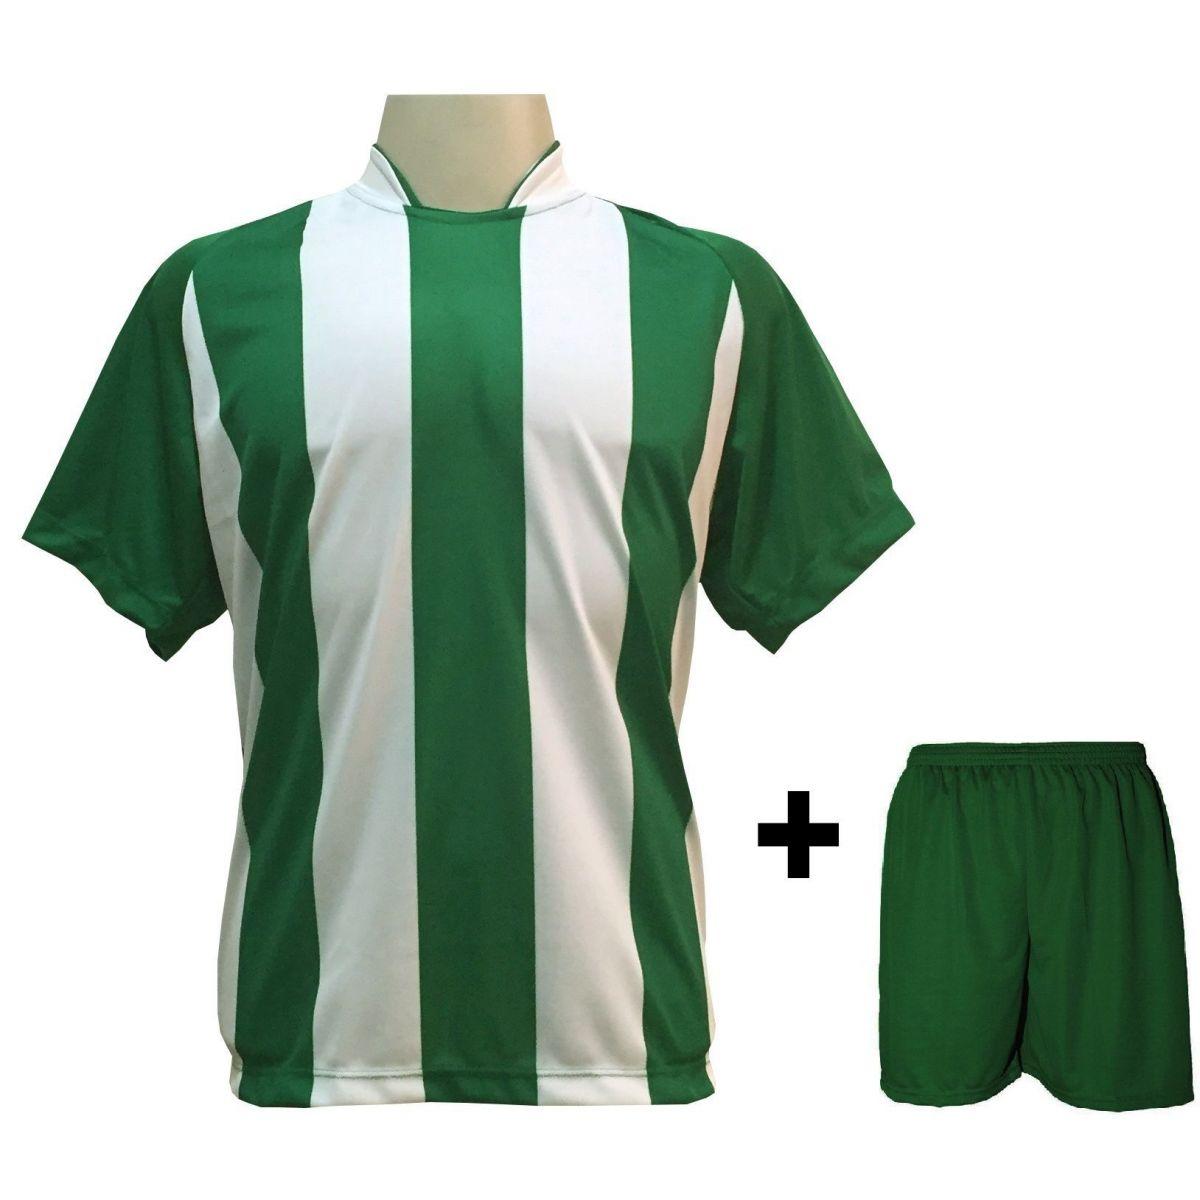 Uniforme Esportivo com 18 Camisas modelo Milan Verde/Branco + 18 Calções modelo Madrid Verde